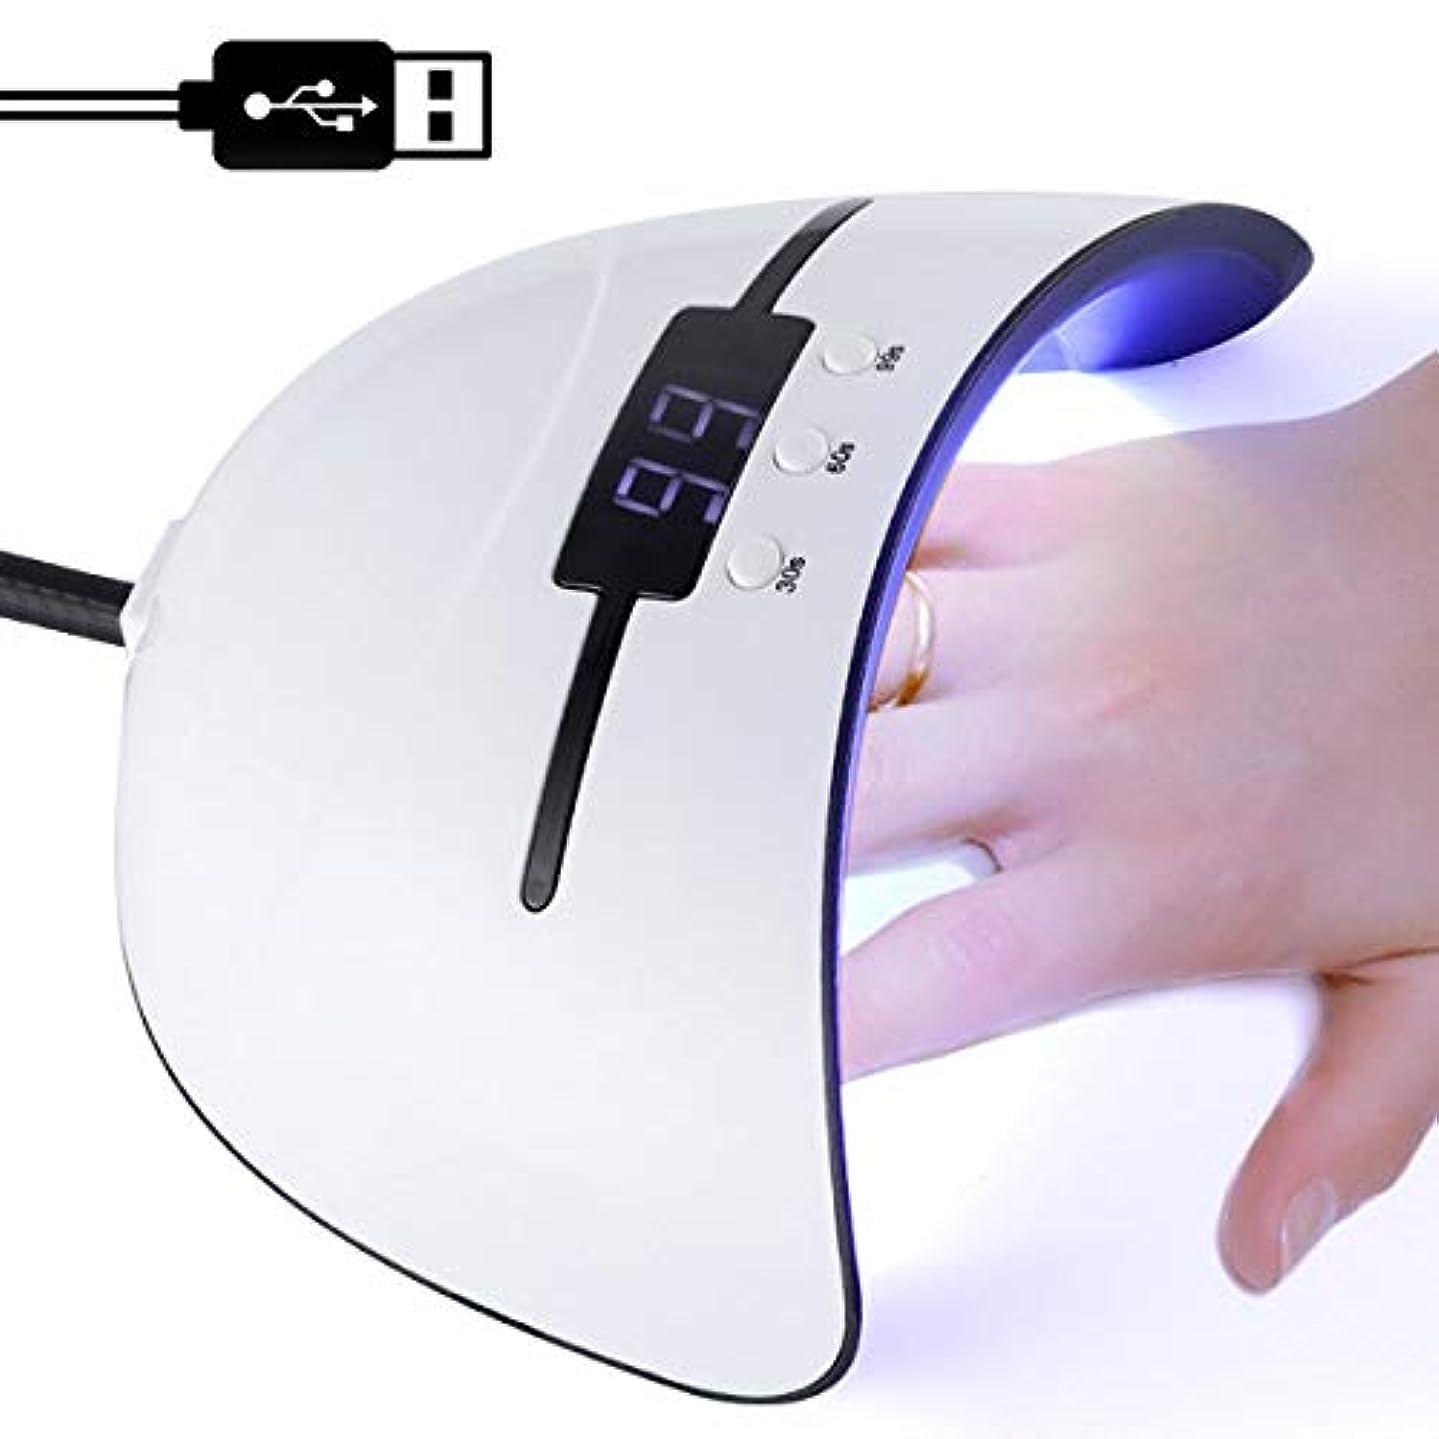 トランクライブラリ付ける精緻化LEDネイルドライヤー UVライト LED 硬化ライト タイマー設定可能 折りたたみ式手足とも使える UV と LEDダブルライト ジェルネイル と uvライト レジン用 (36W 12ライト-ホワイト)